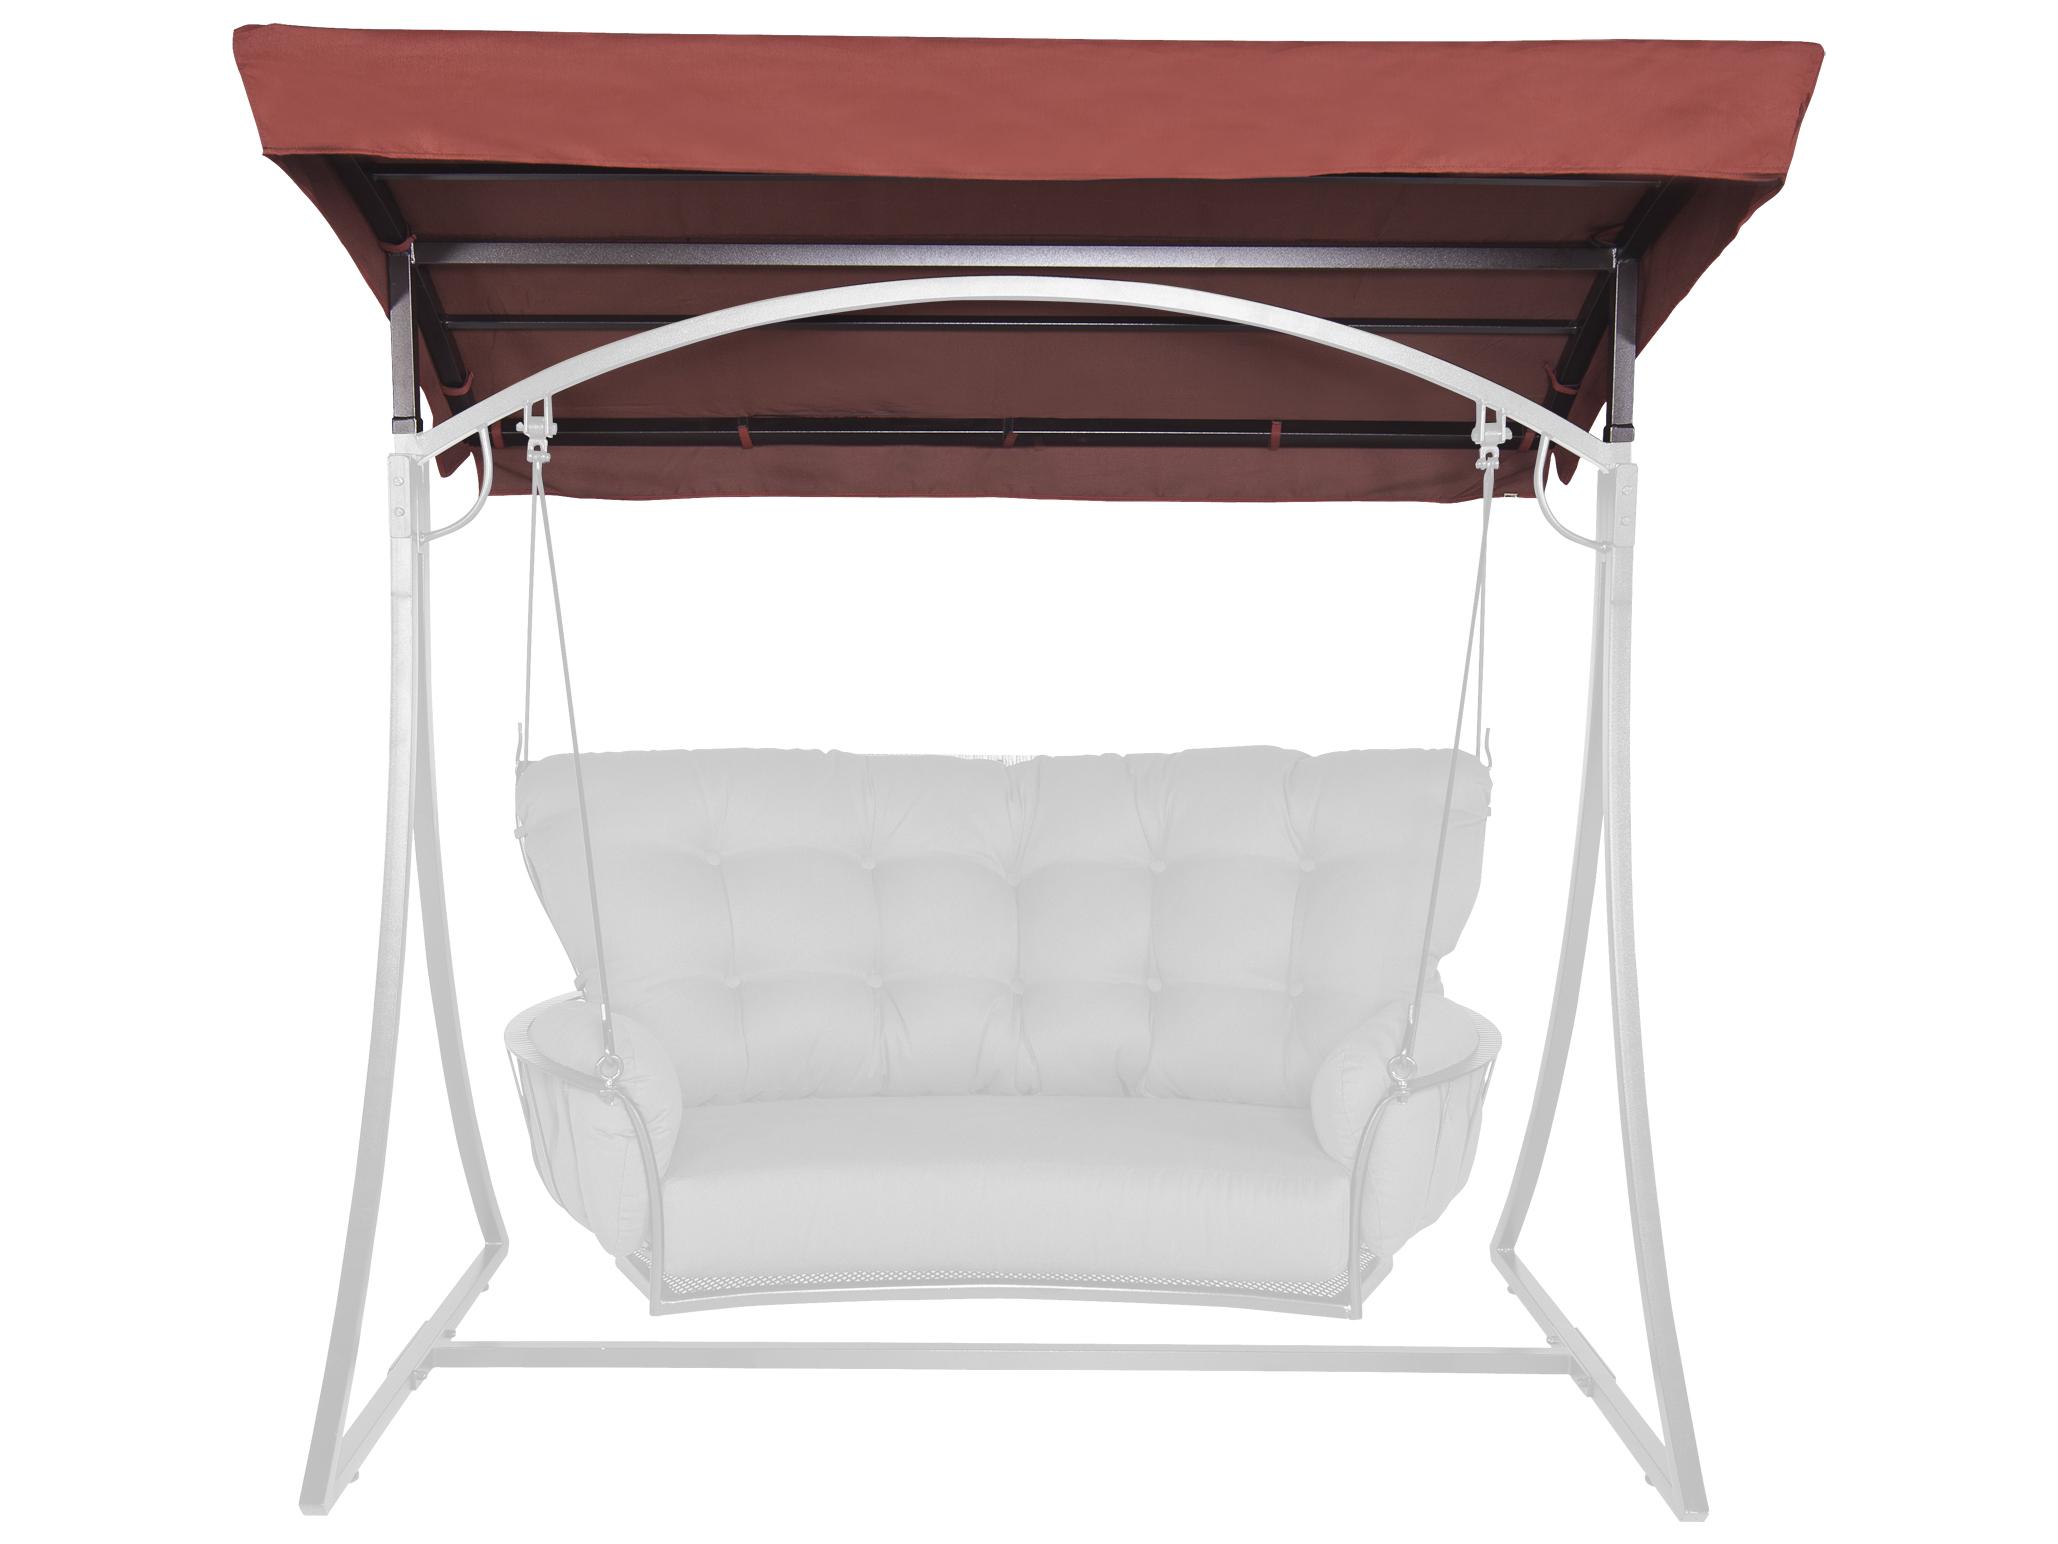 OW Lee Monterra Wrought Iron Cushion Patio Swing